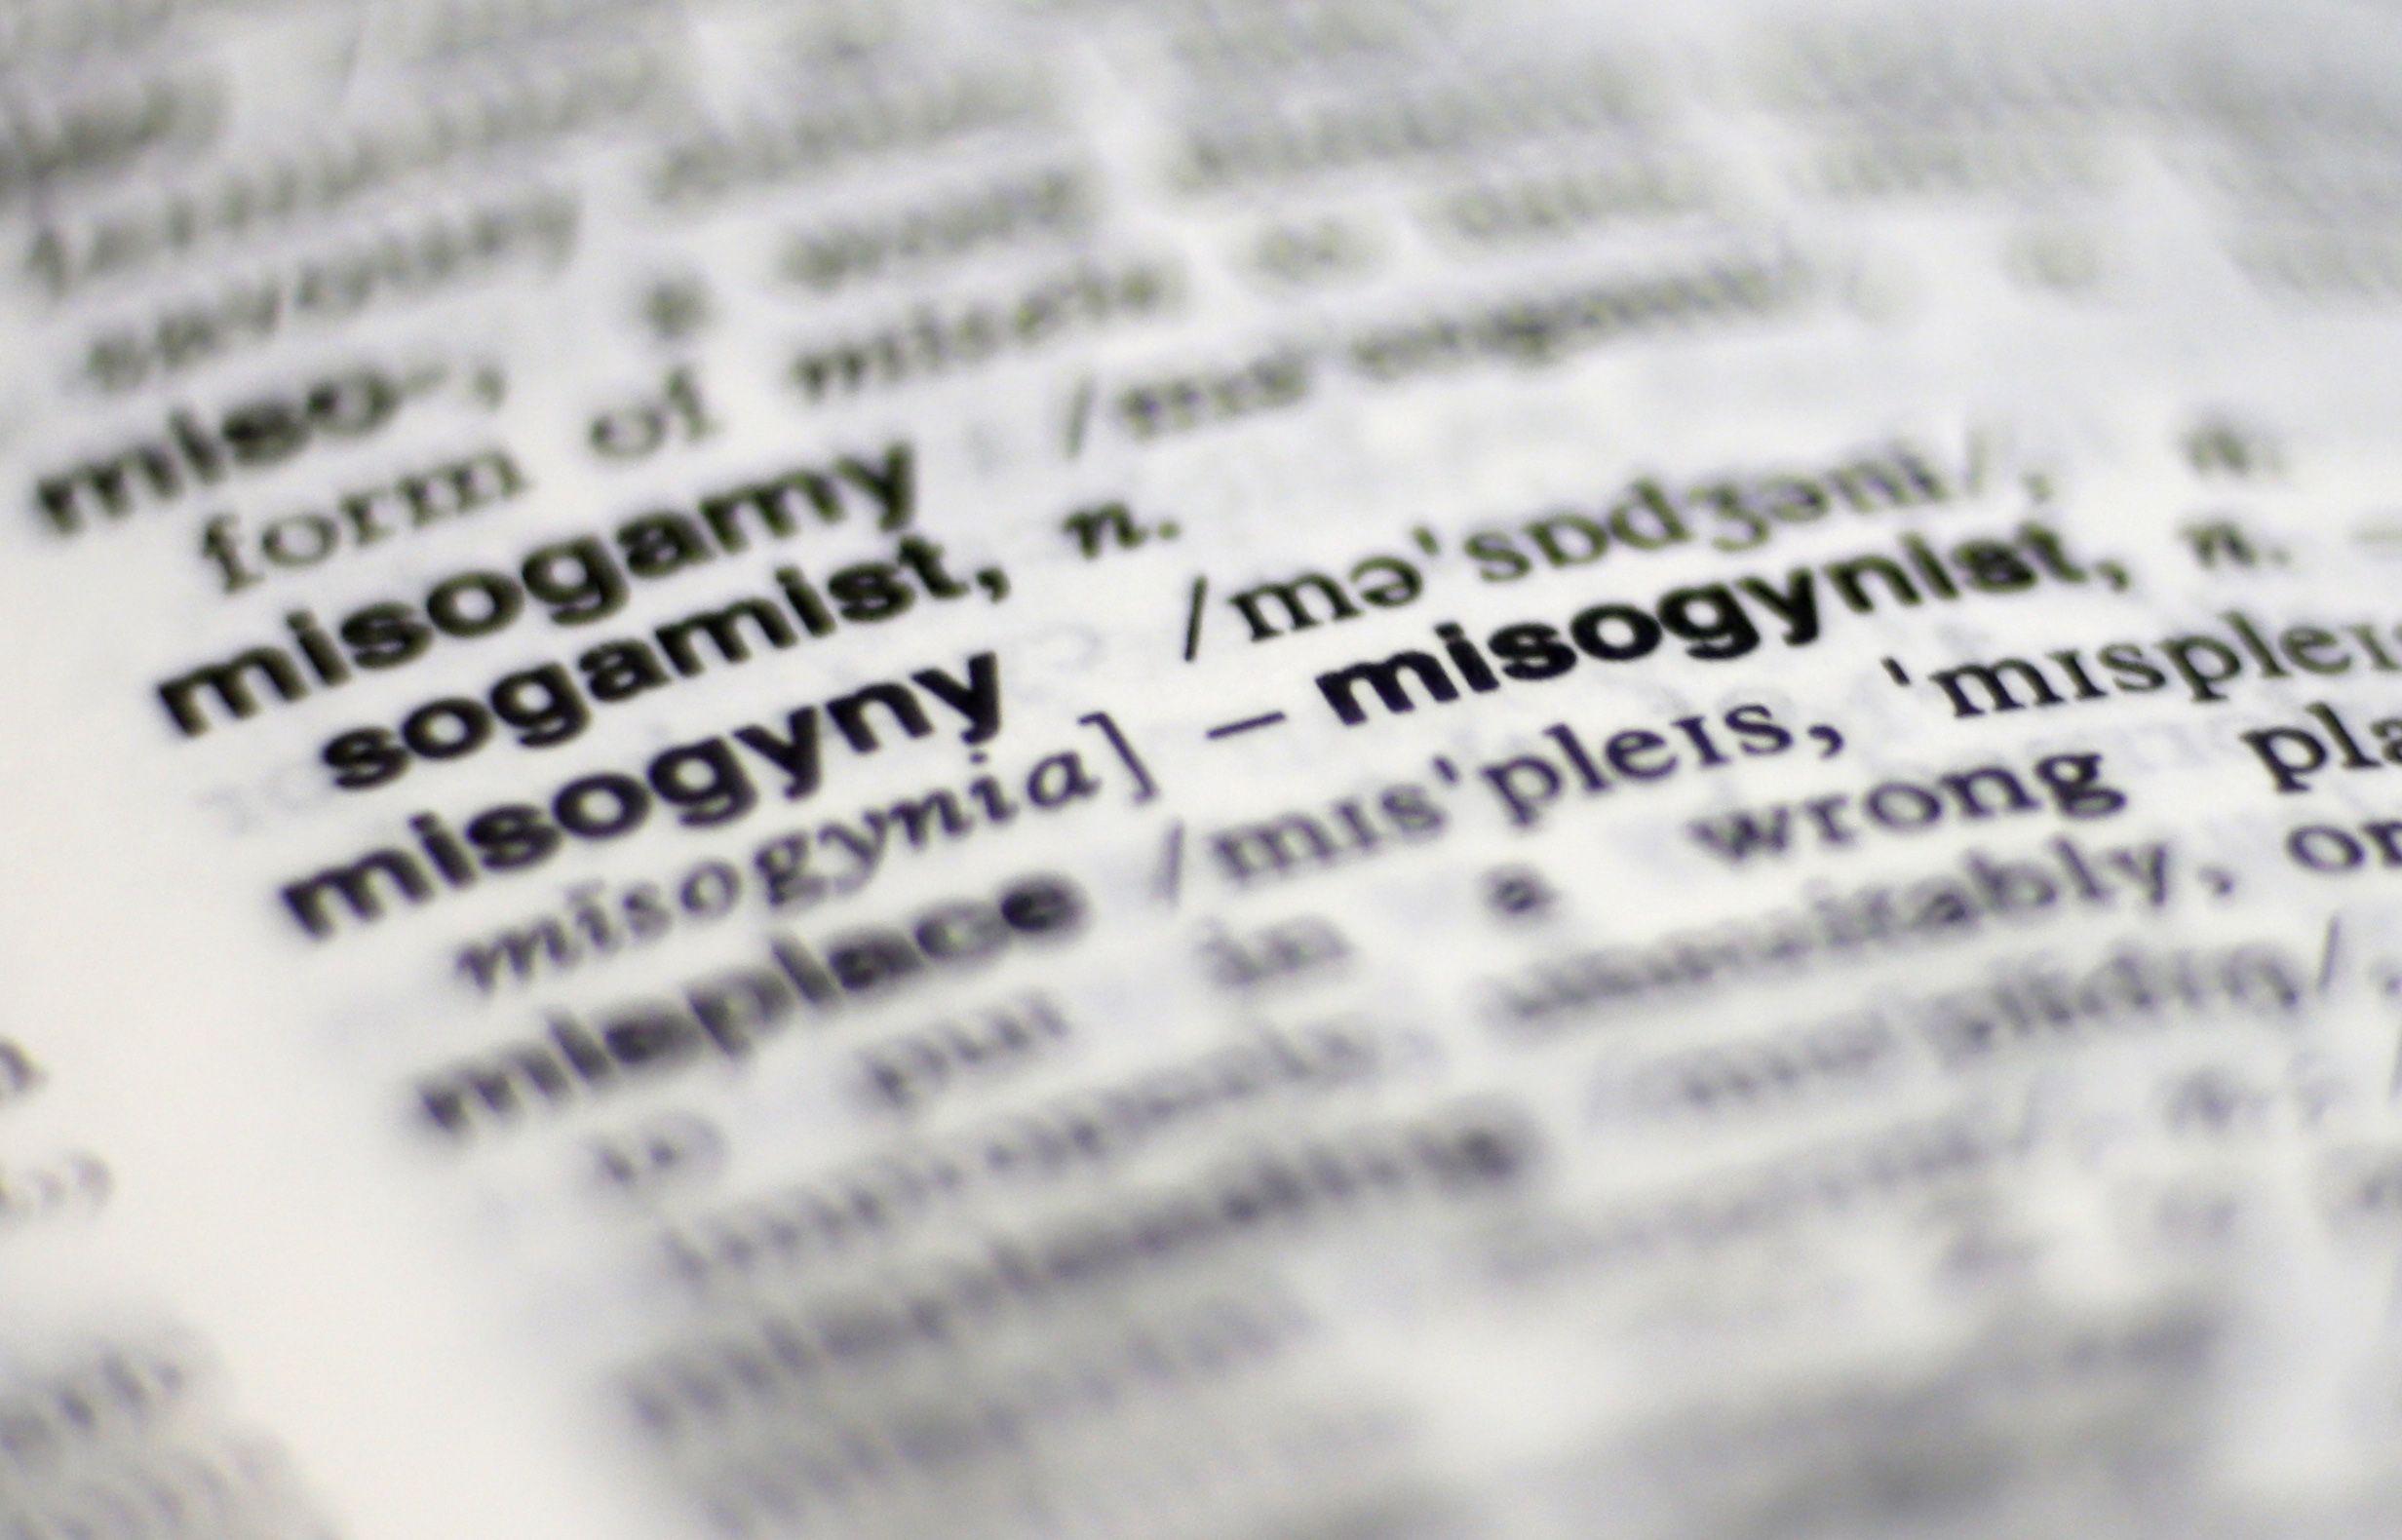 3-10-17 Misogyny